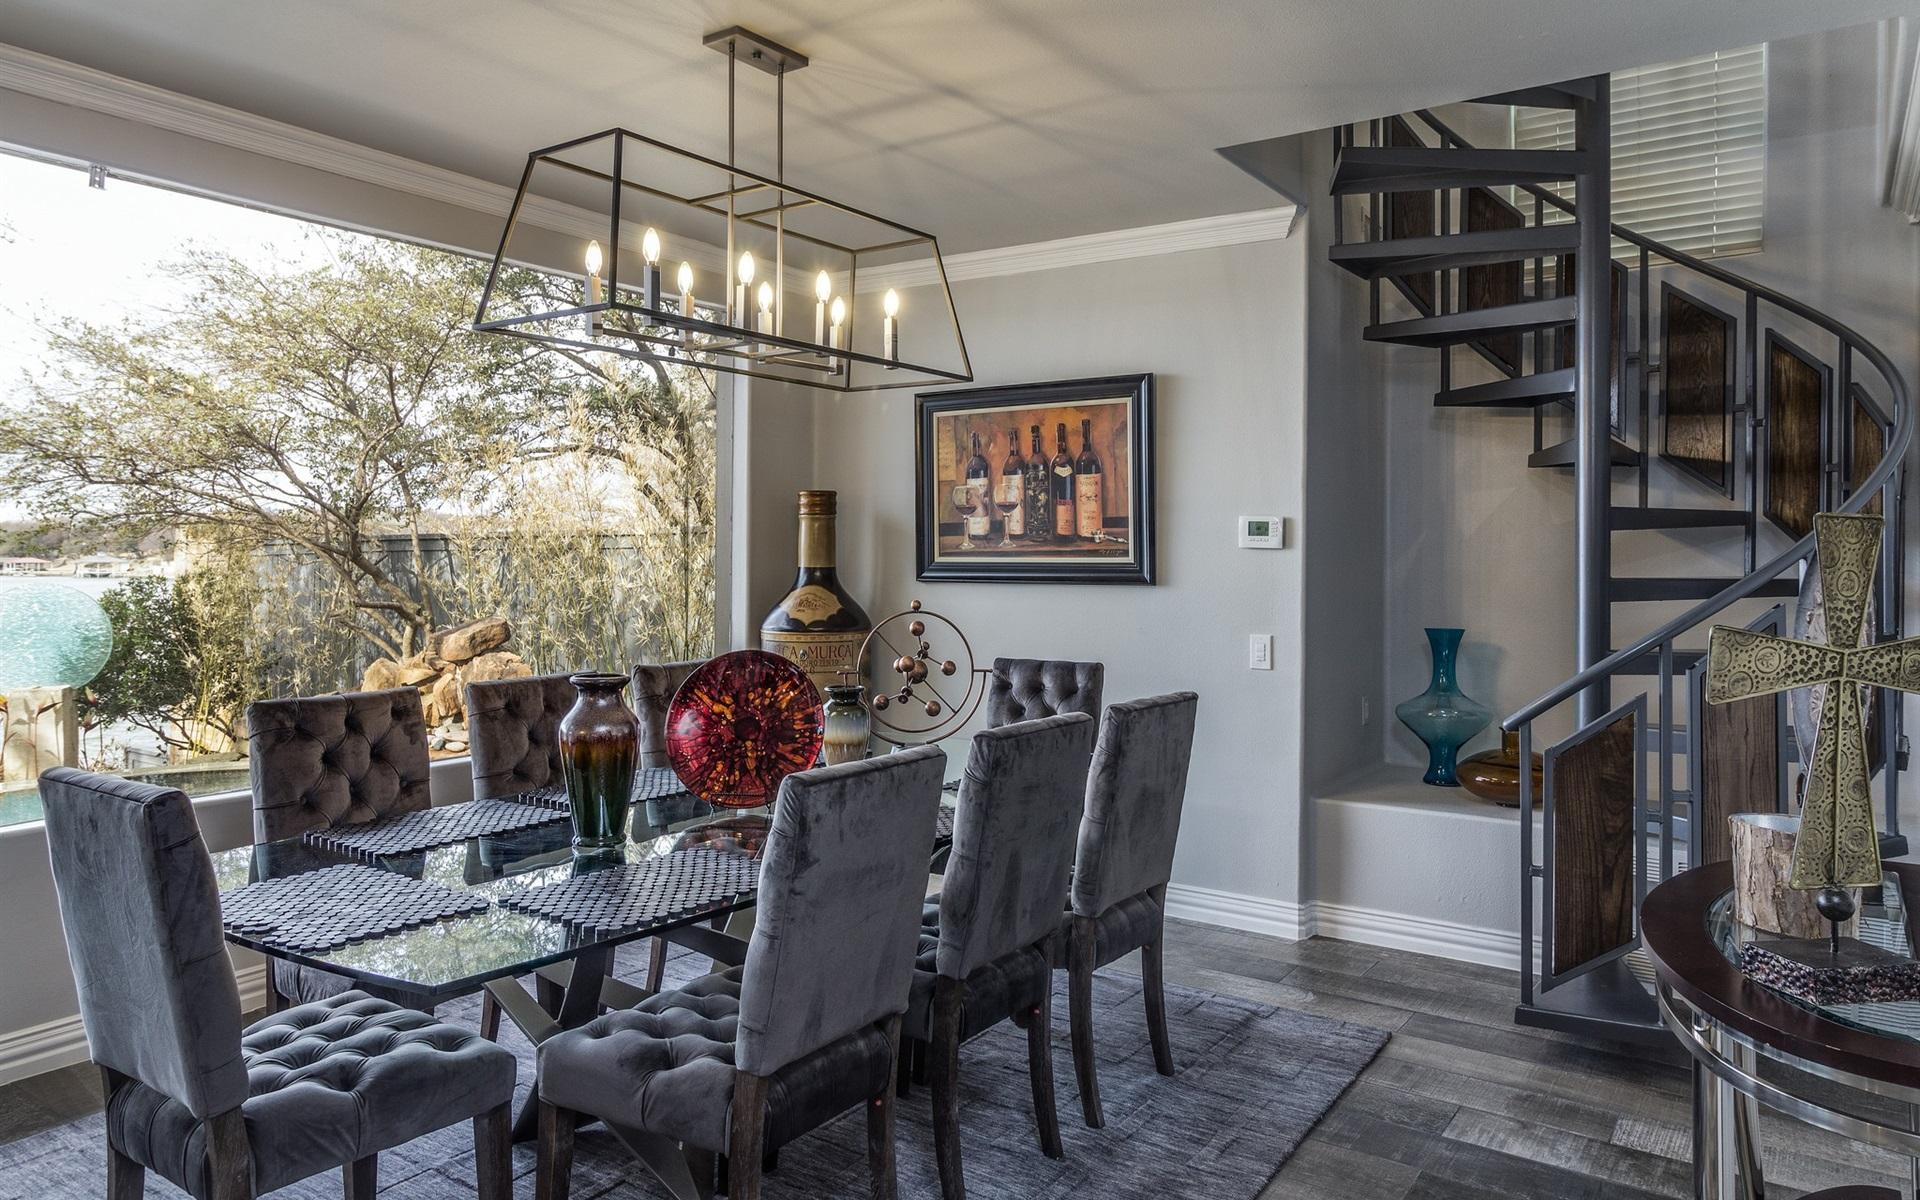 Esszimmer, Küche, Tisch, Stühle, Möbel, Interieur 1920x1200 HD ...